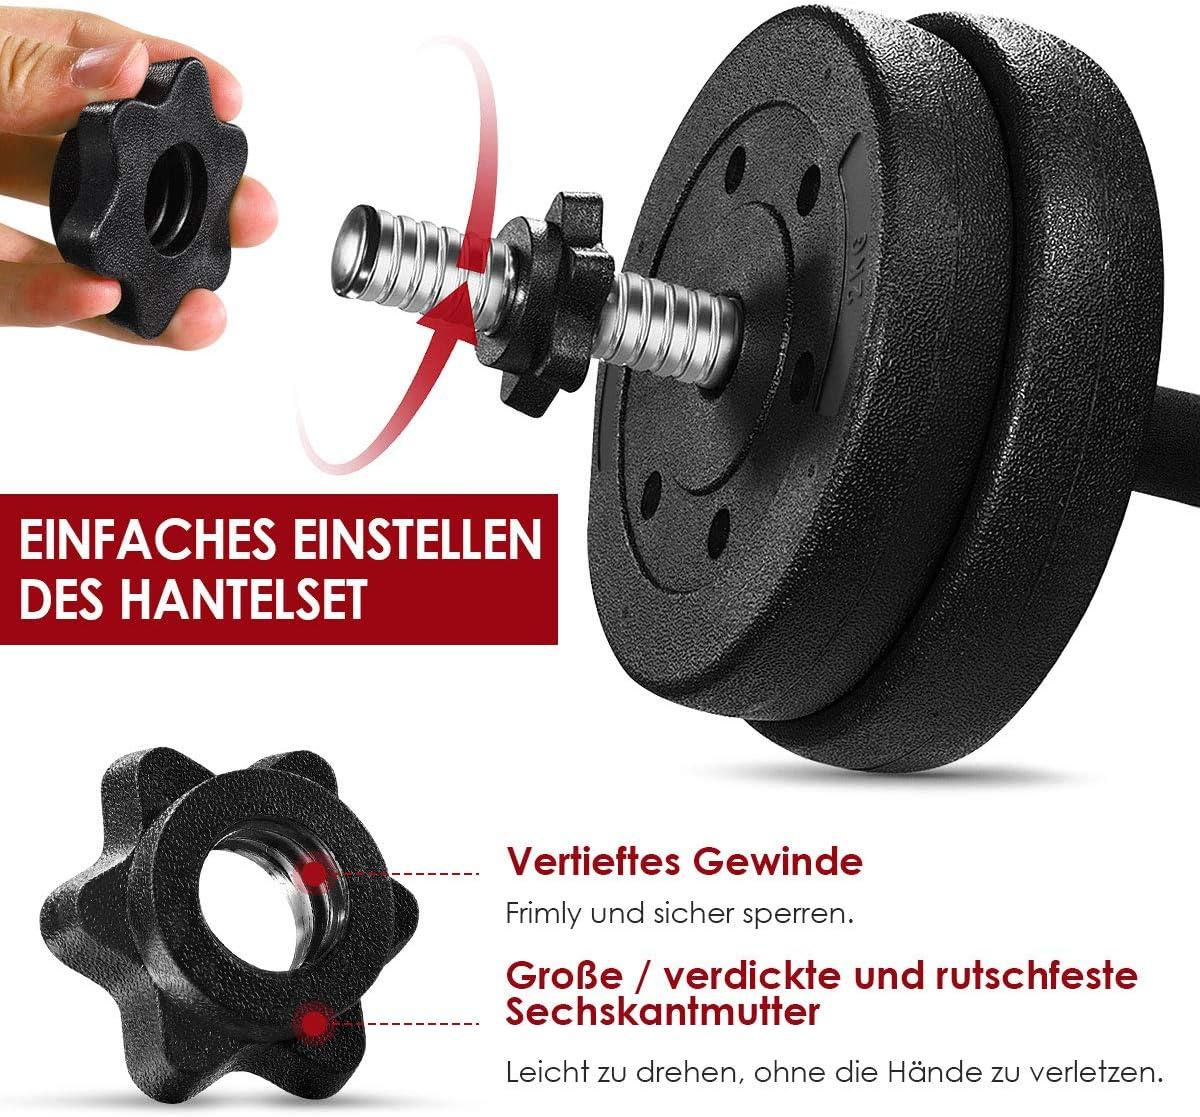 Hantel Kurzhantel Set Krafttraining Gewichte Hantelset Kurzhanteln 30 KG